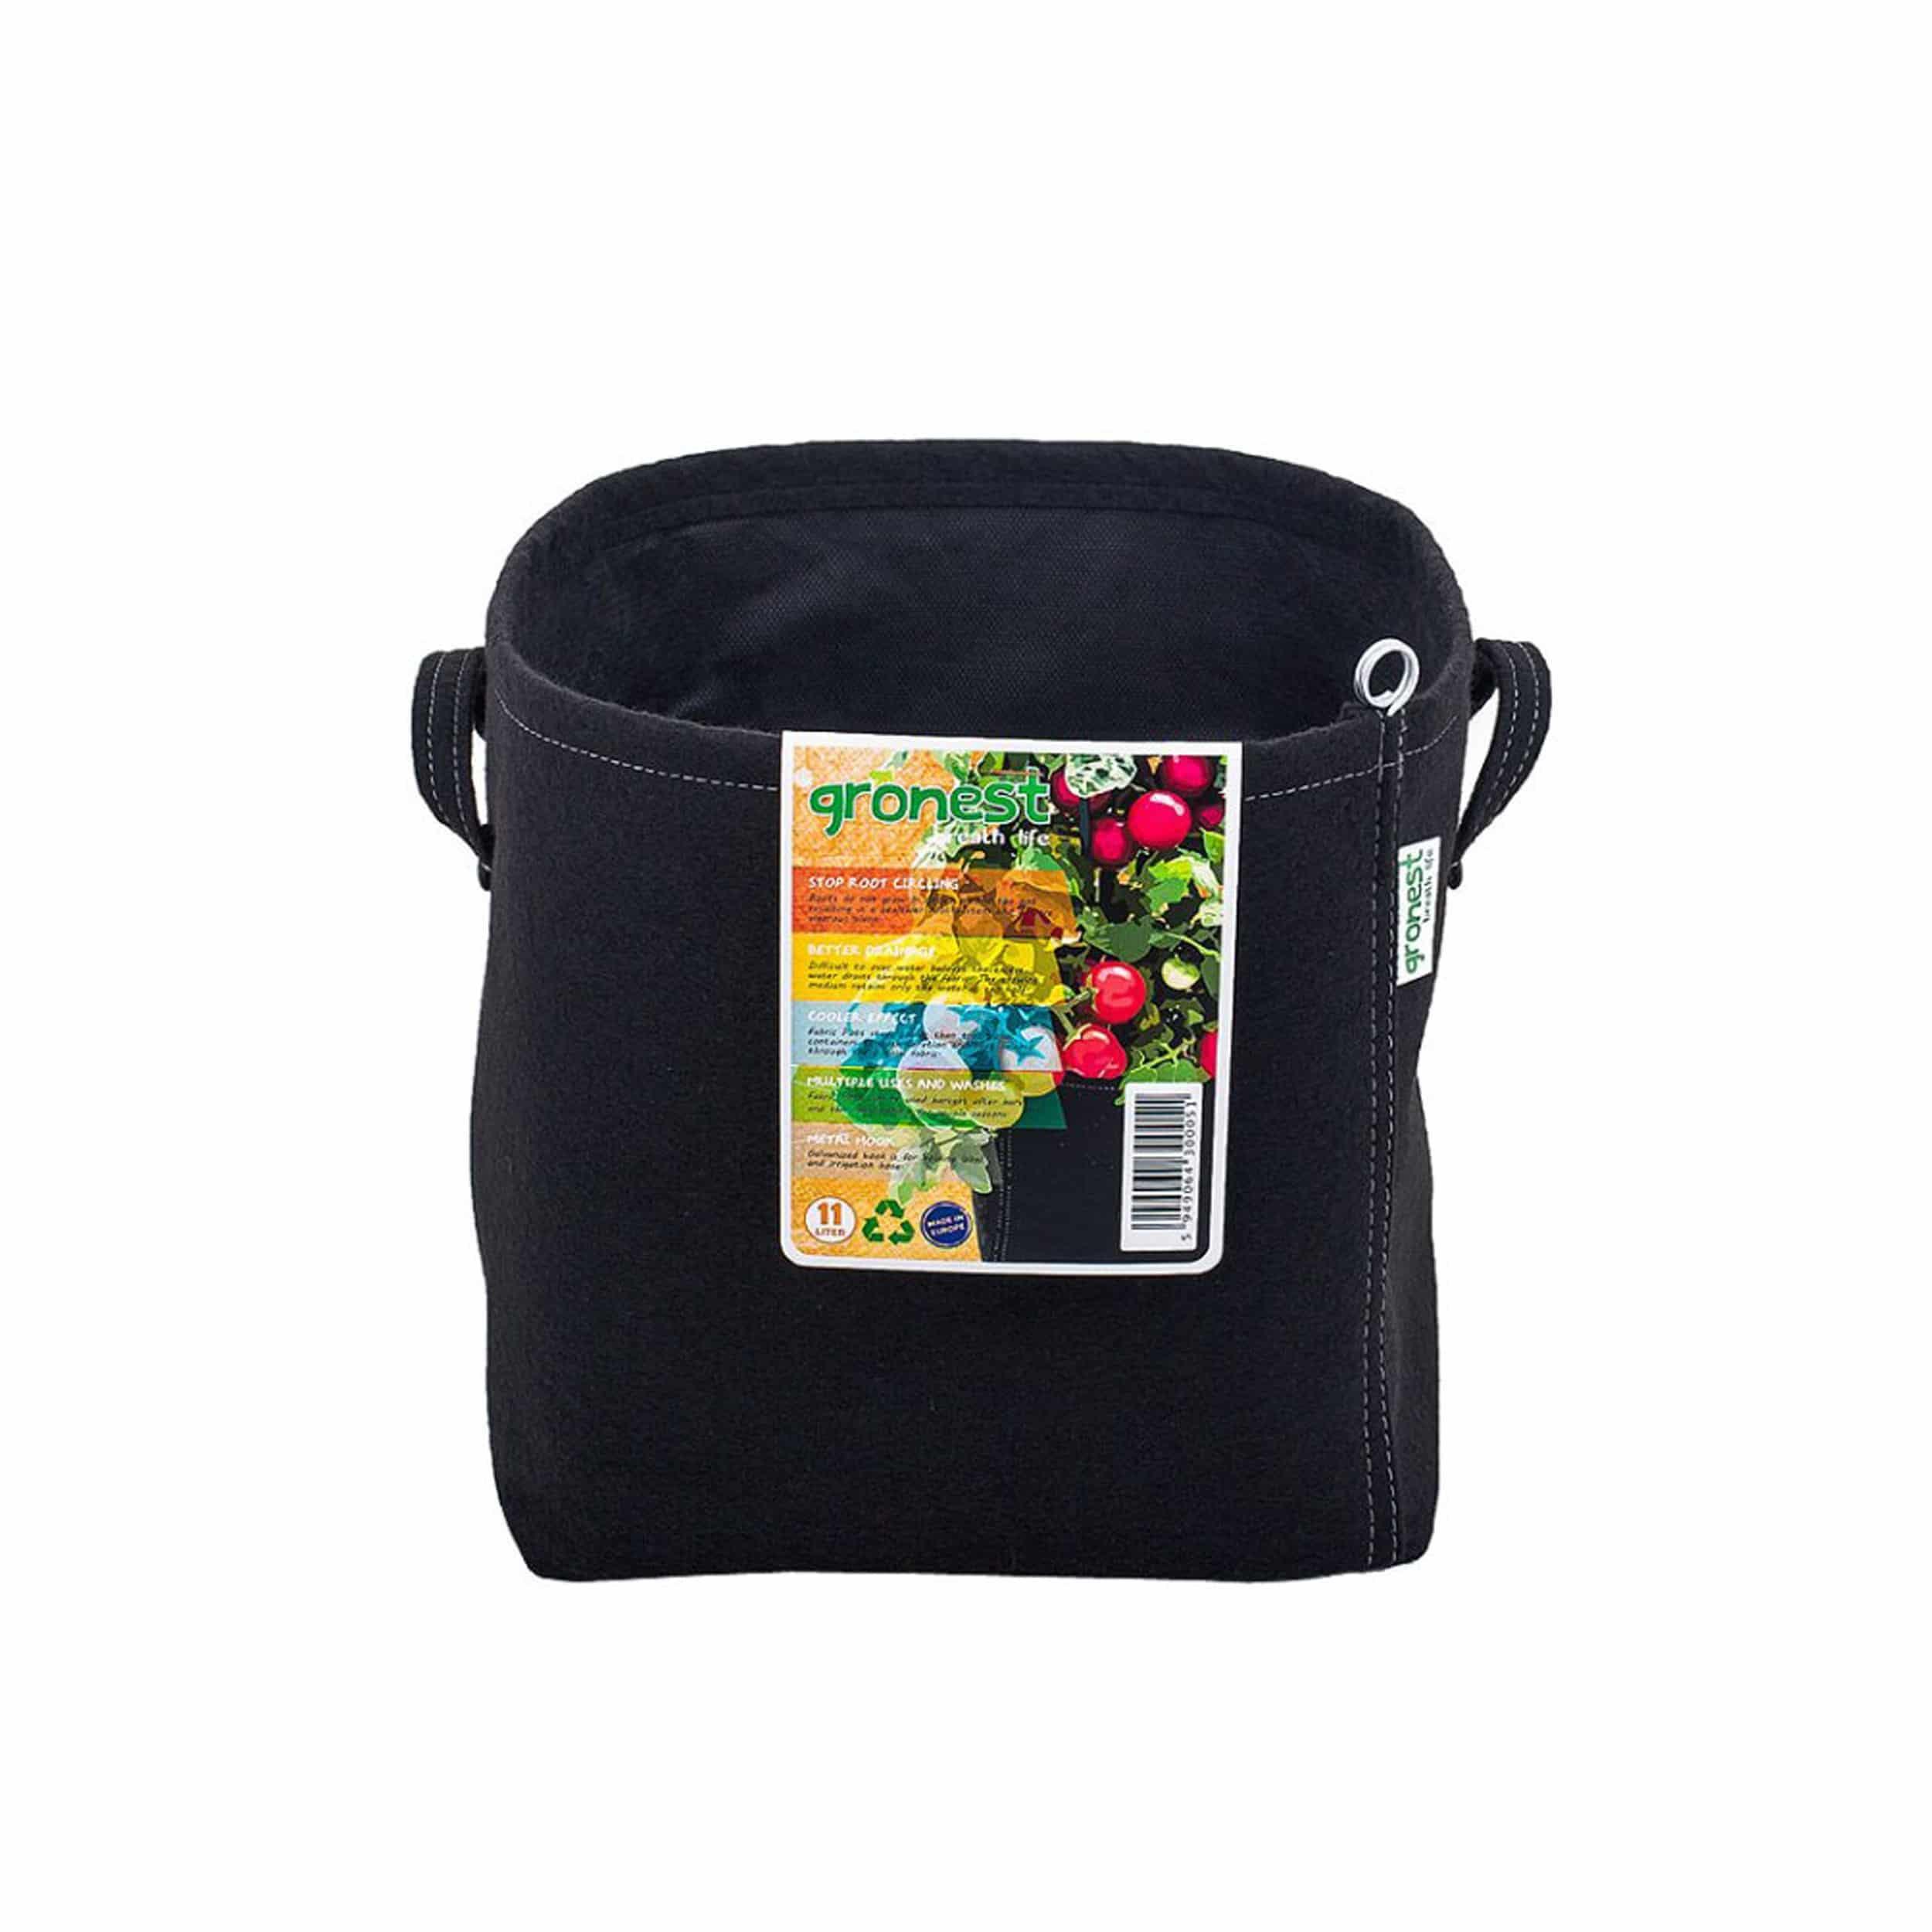 Textil-Blumentopf 11 Liter